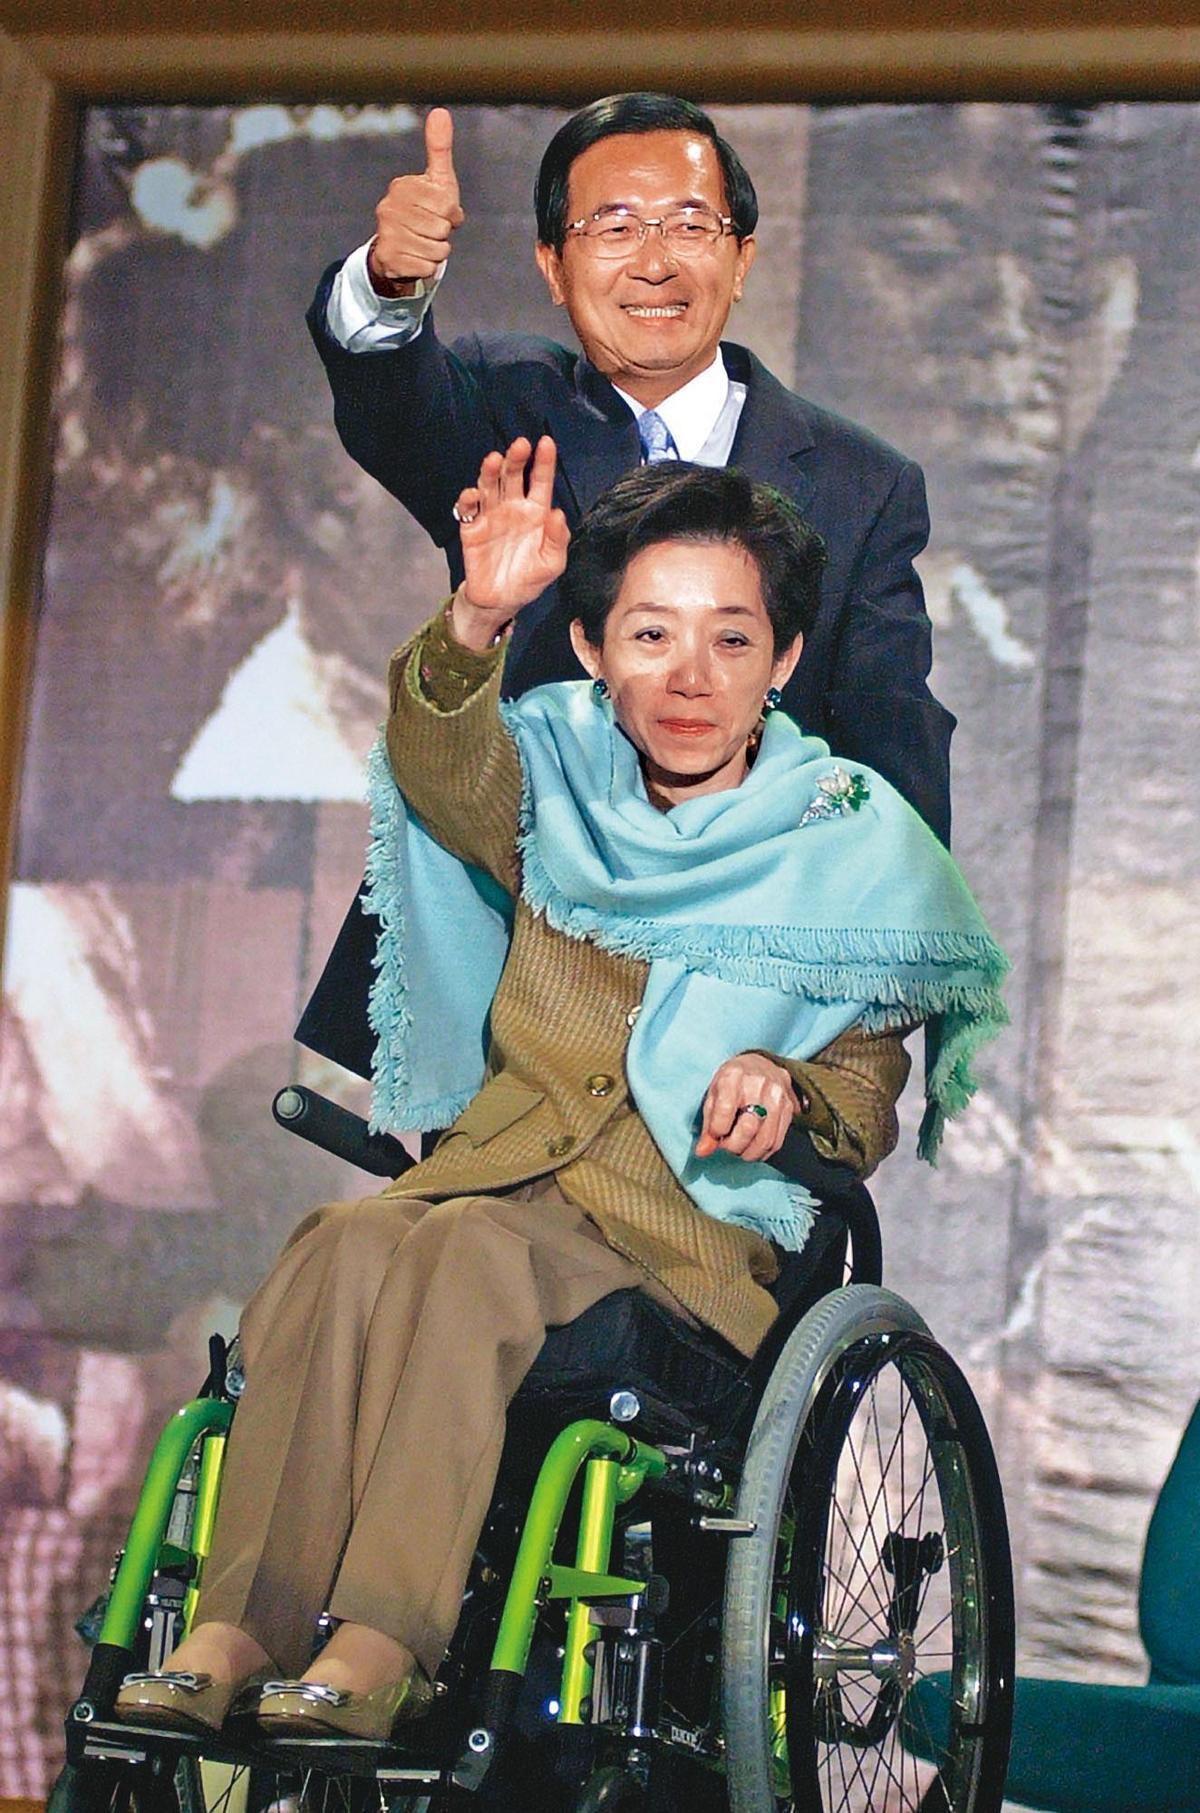 前總統陳水扁及夫人吳淑珍,皆因國務機要費案遭法院判刑。(達志影像)